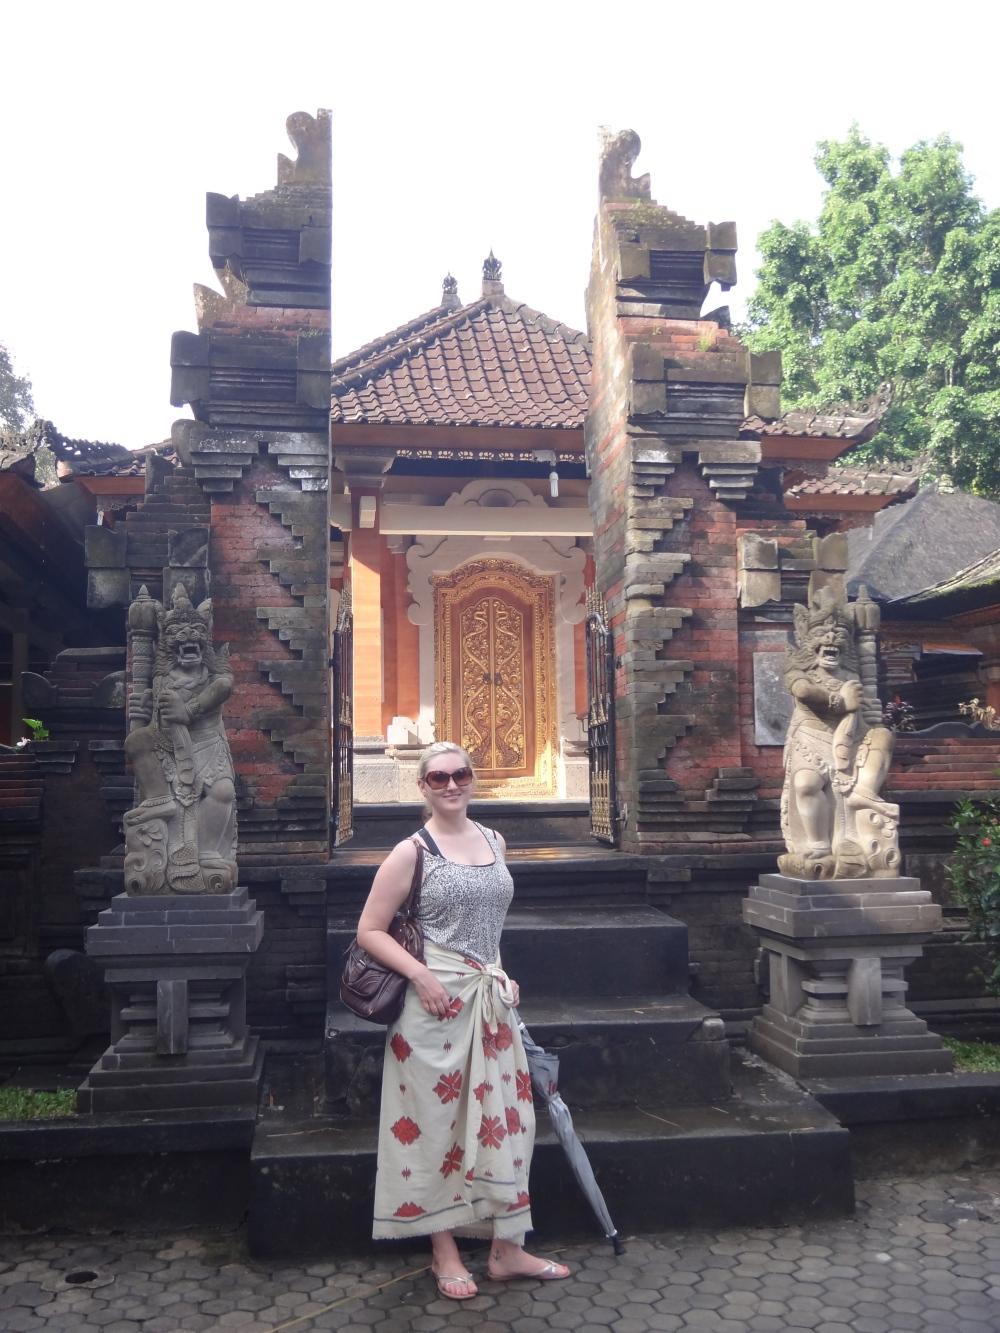 Bali Tirta Empul Temple Roamsweetroam